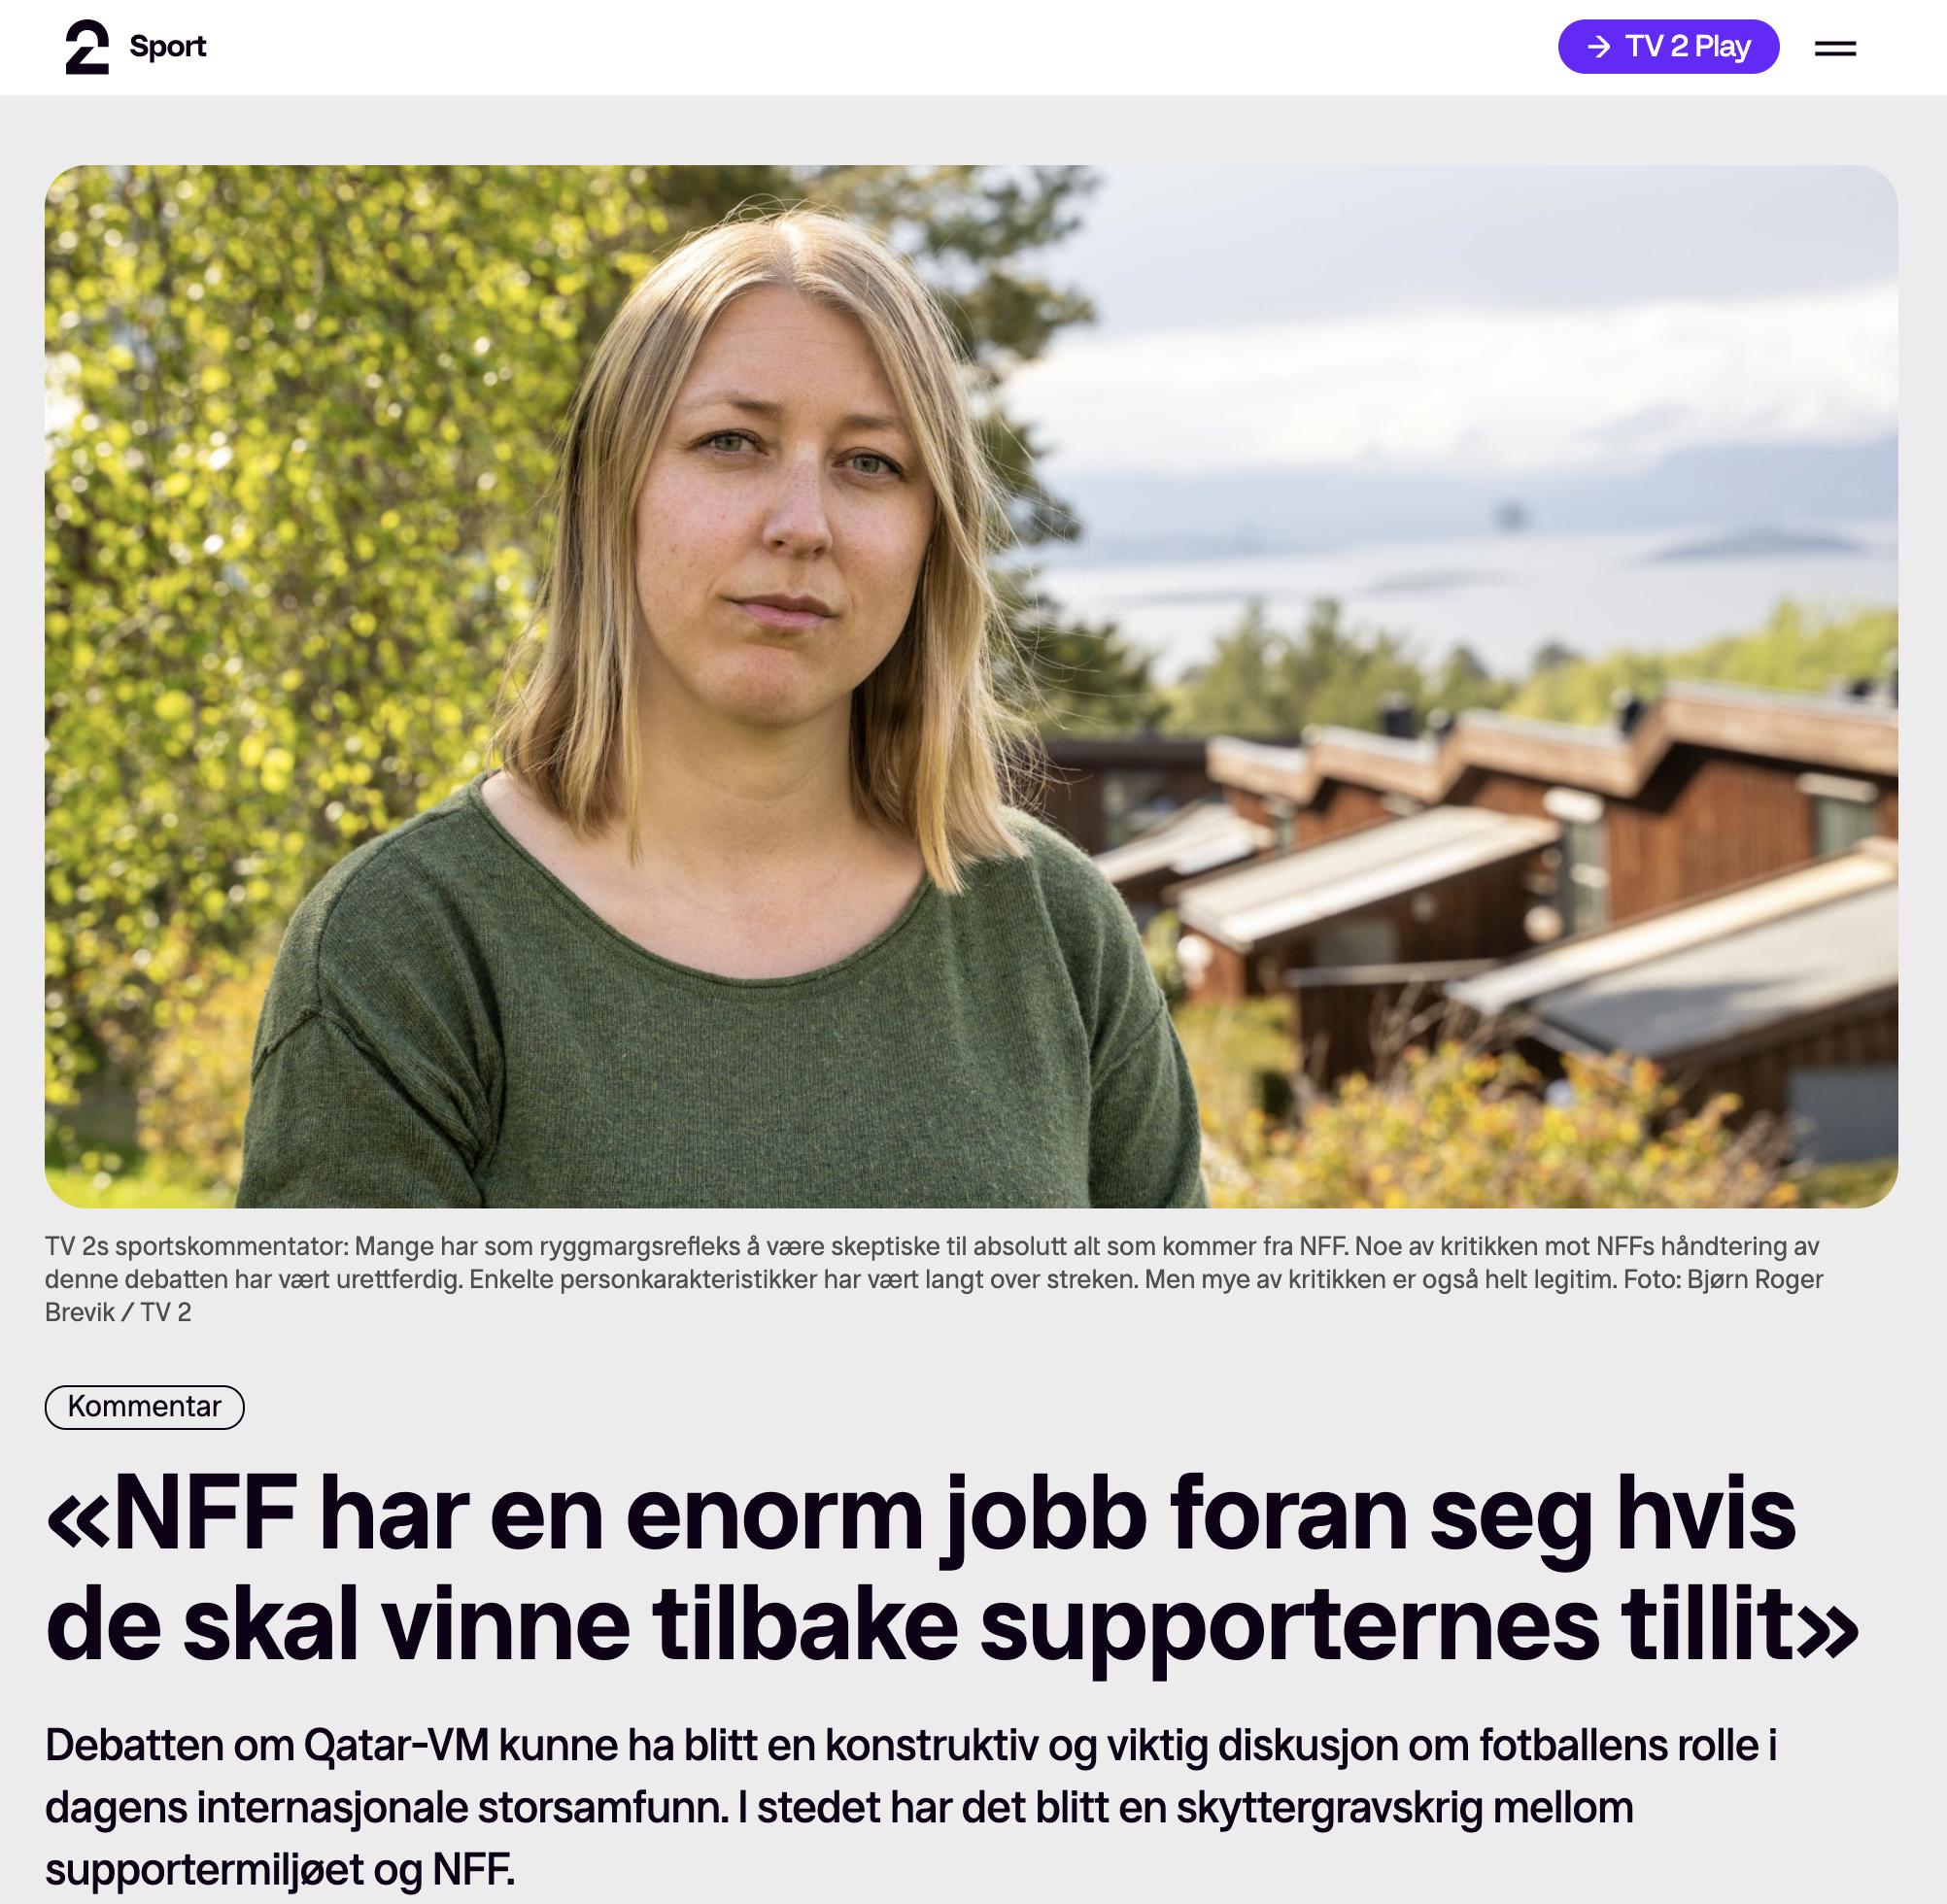 «NFF har en enorm jobb foran seg hvis de skal vinne tilbake supporternes tillit»